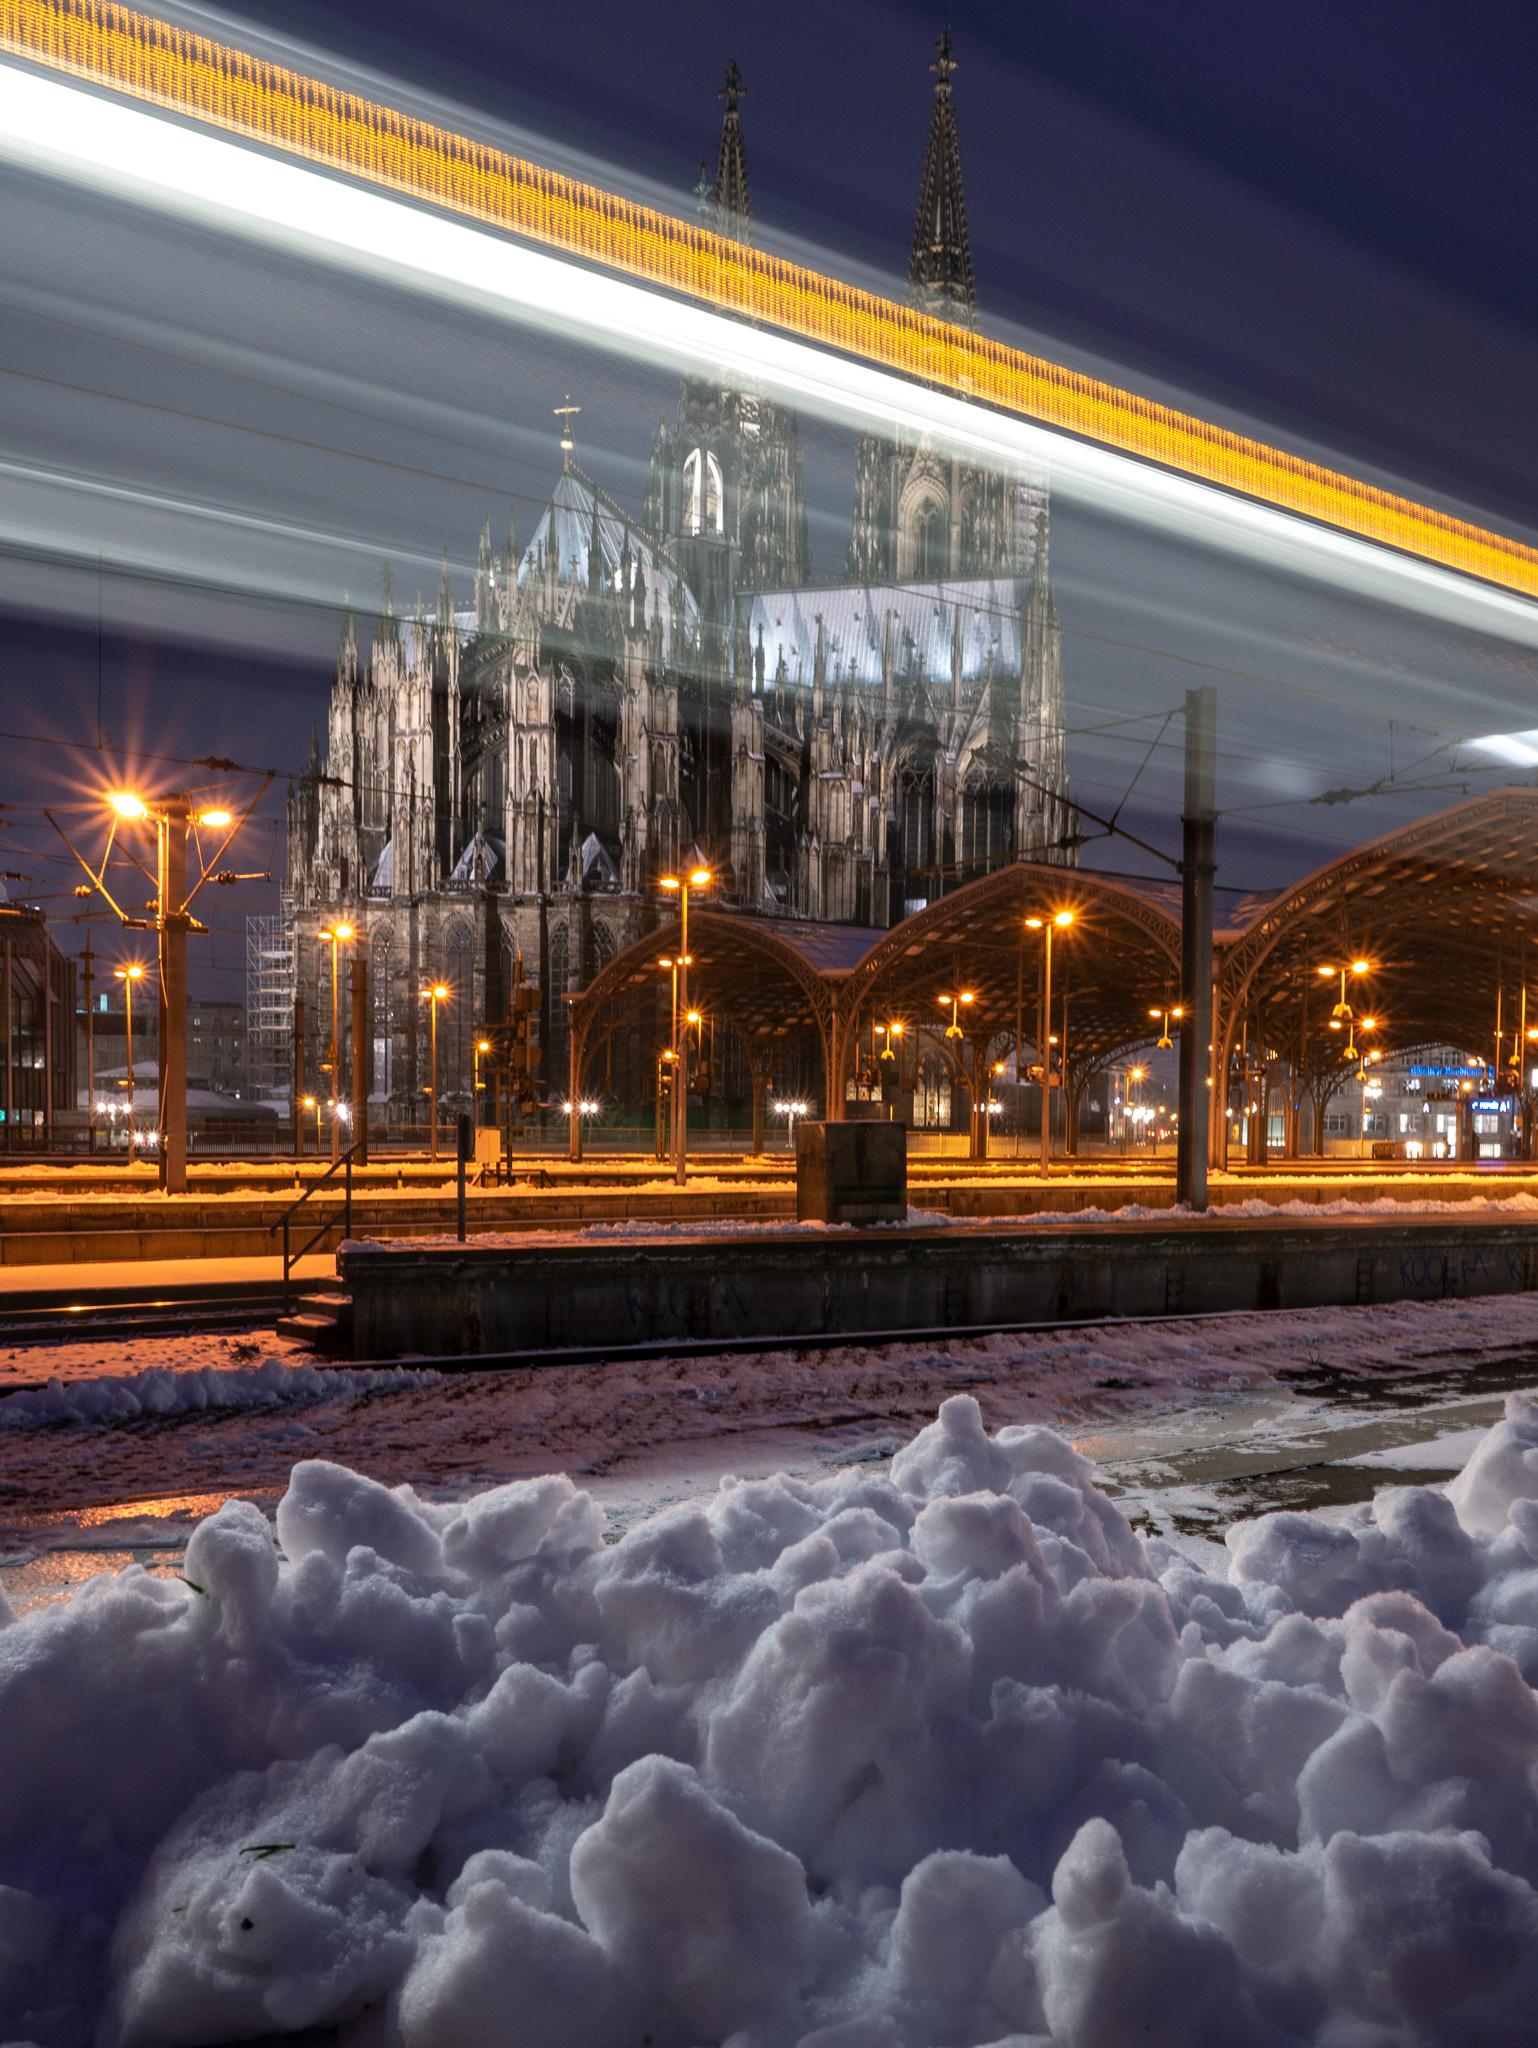 Schnee Köln 2019 Kölner Dom hauptbahnhof Lichtspur